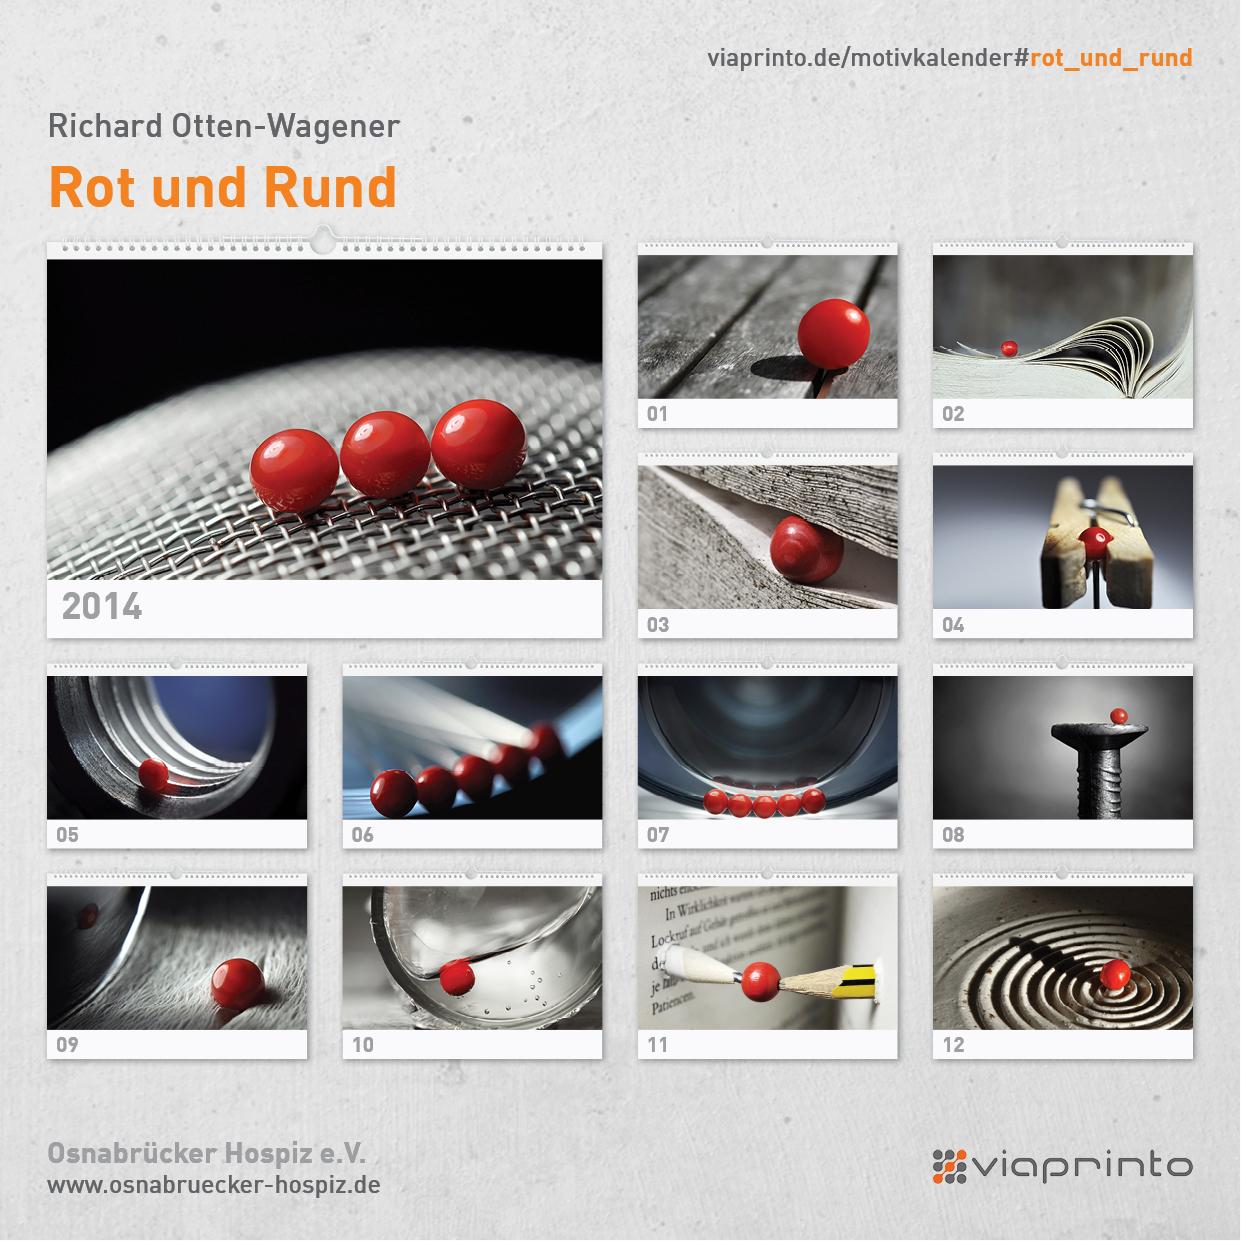 https://www.viaprinto.de/motivkalender#/rot_und_rund